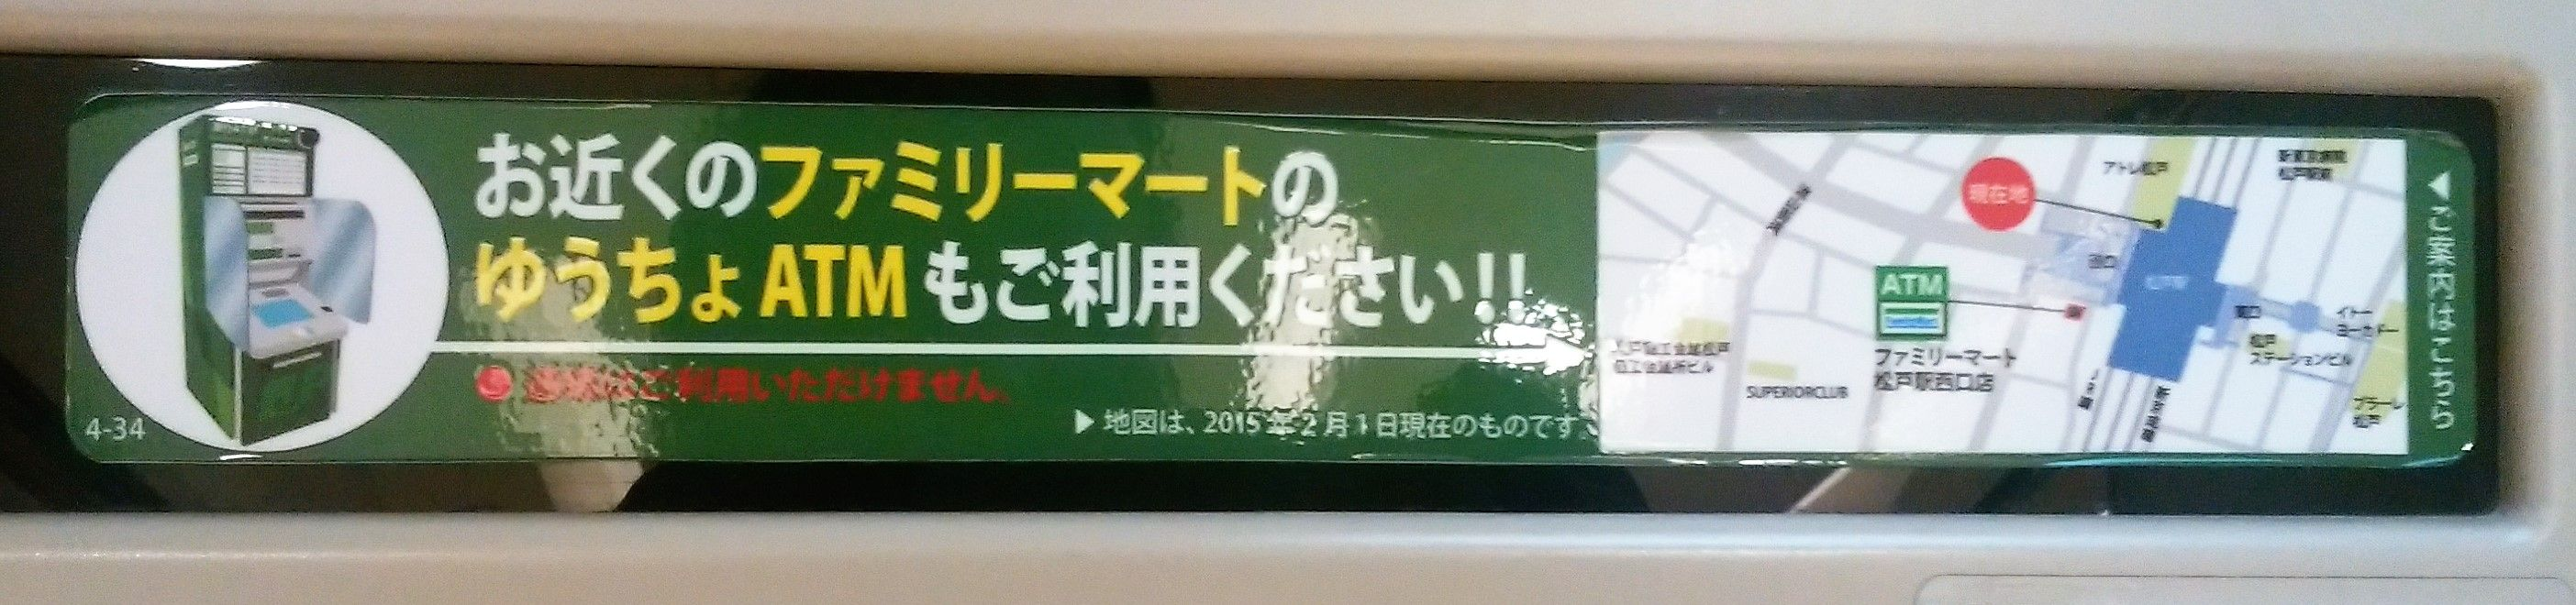 名 支店 ゆうちょ 028